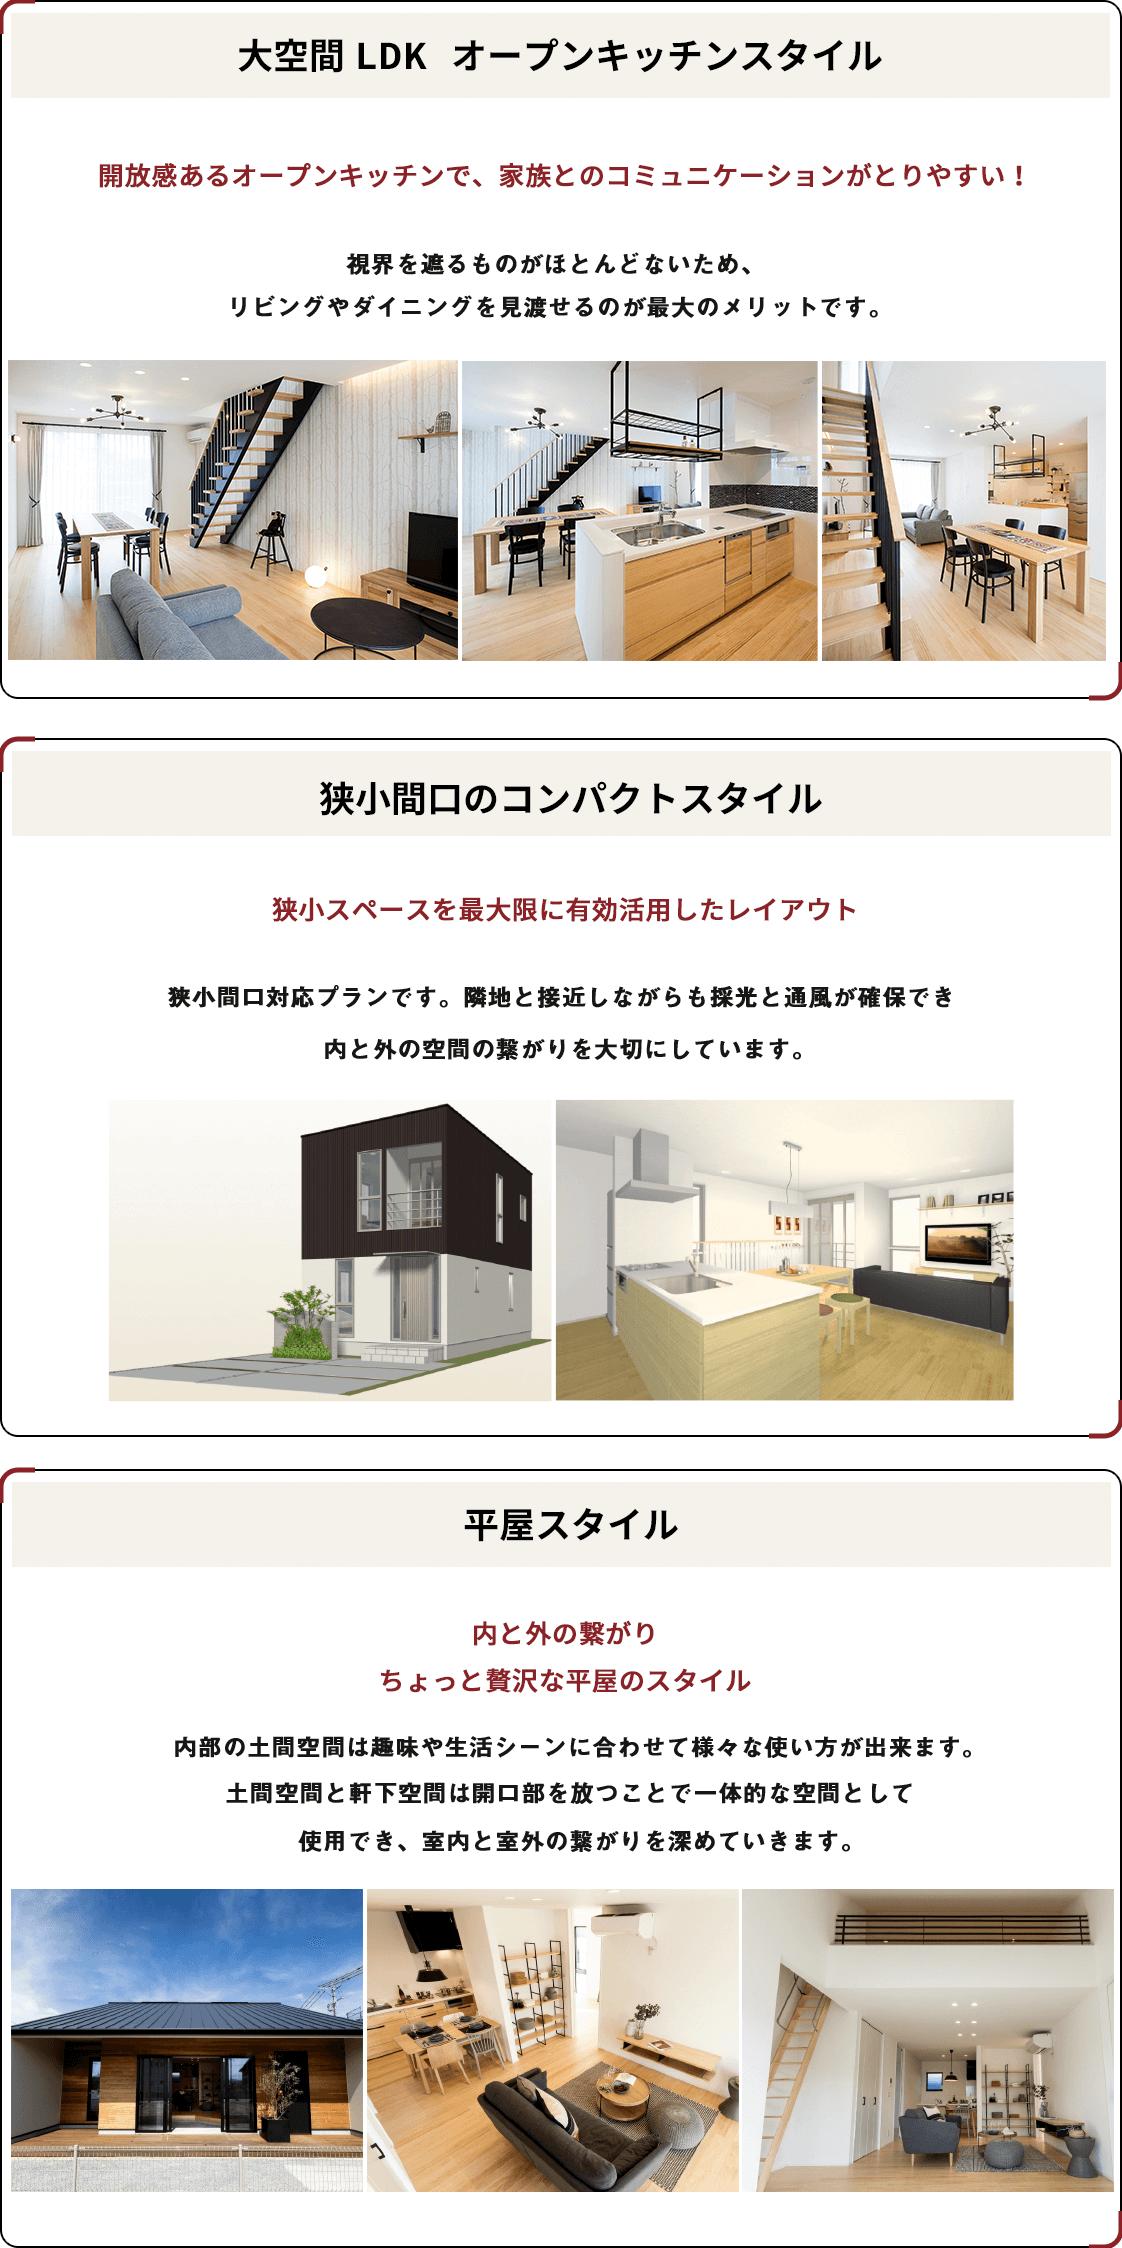 大空間LDK オープンキッチンスタイル 開放感あるオープンキッチンで、家族とのコミュニケーションがとりやすい! 狭小間口のコンパクトスタイル 狭小スペースを最大限に有効活用したレイアウト 平屋スタイル 内と外の繋がりちょっと贅沢な平屋のスタイル